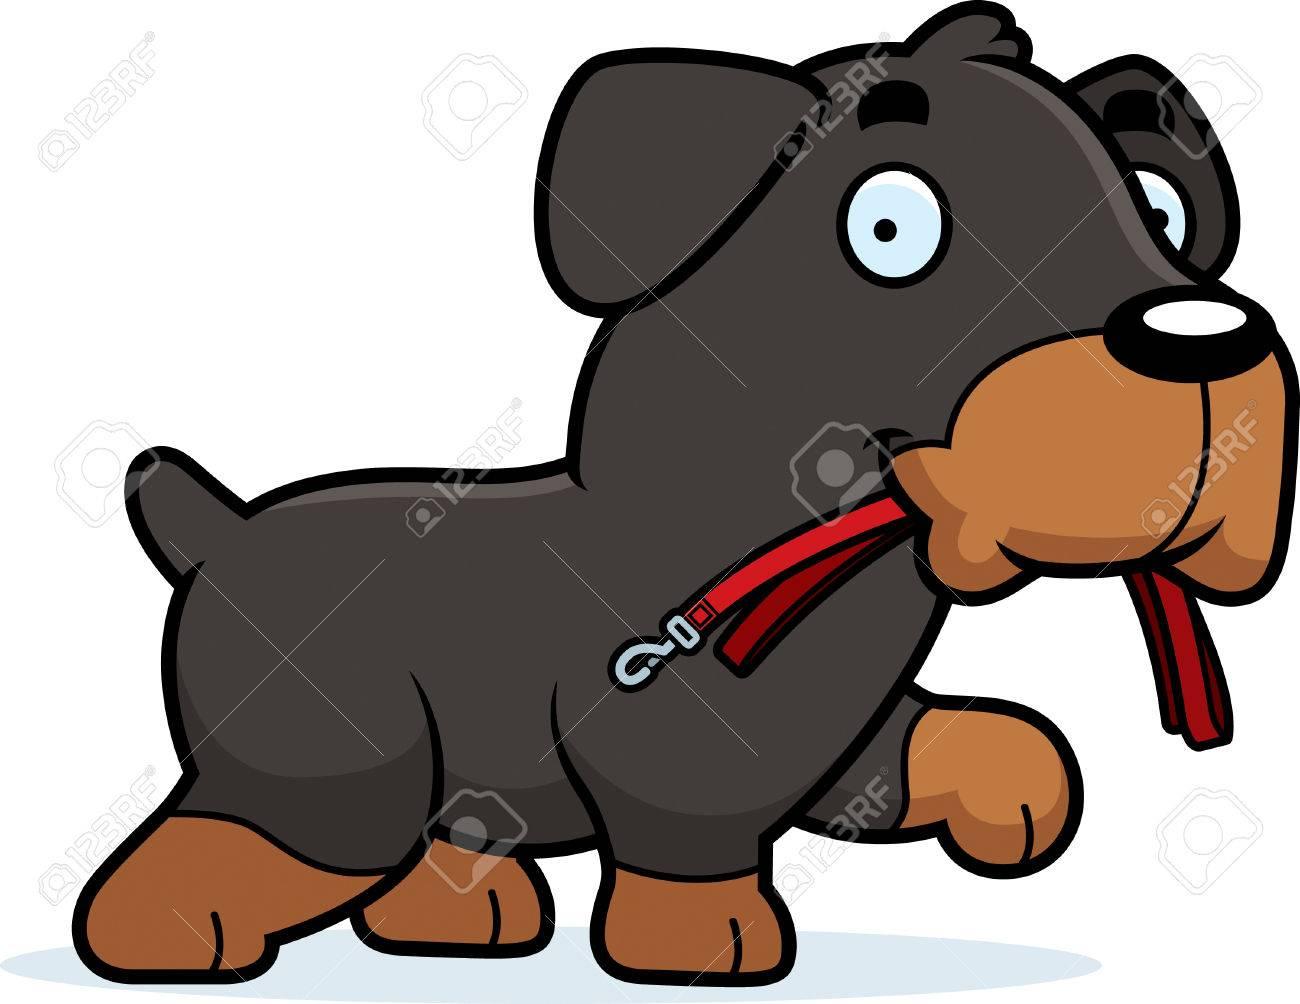 a cartoon illustration of a rottweiler walking with a leash in rh 123rf com